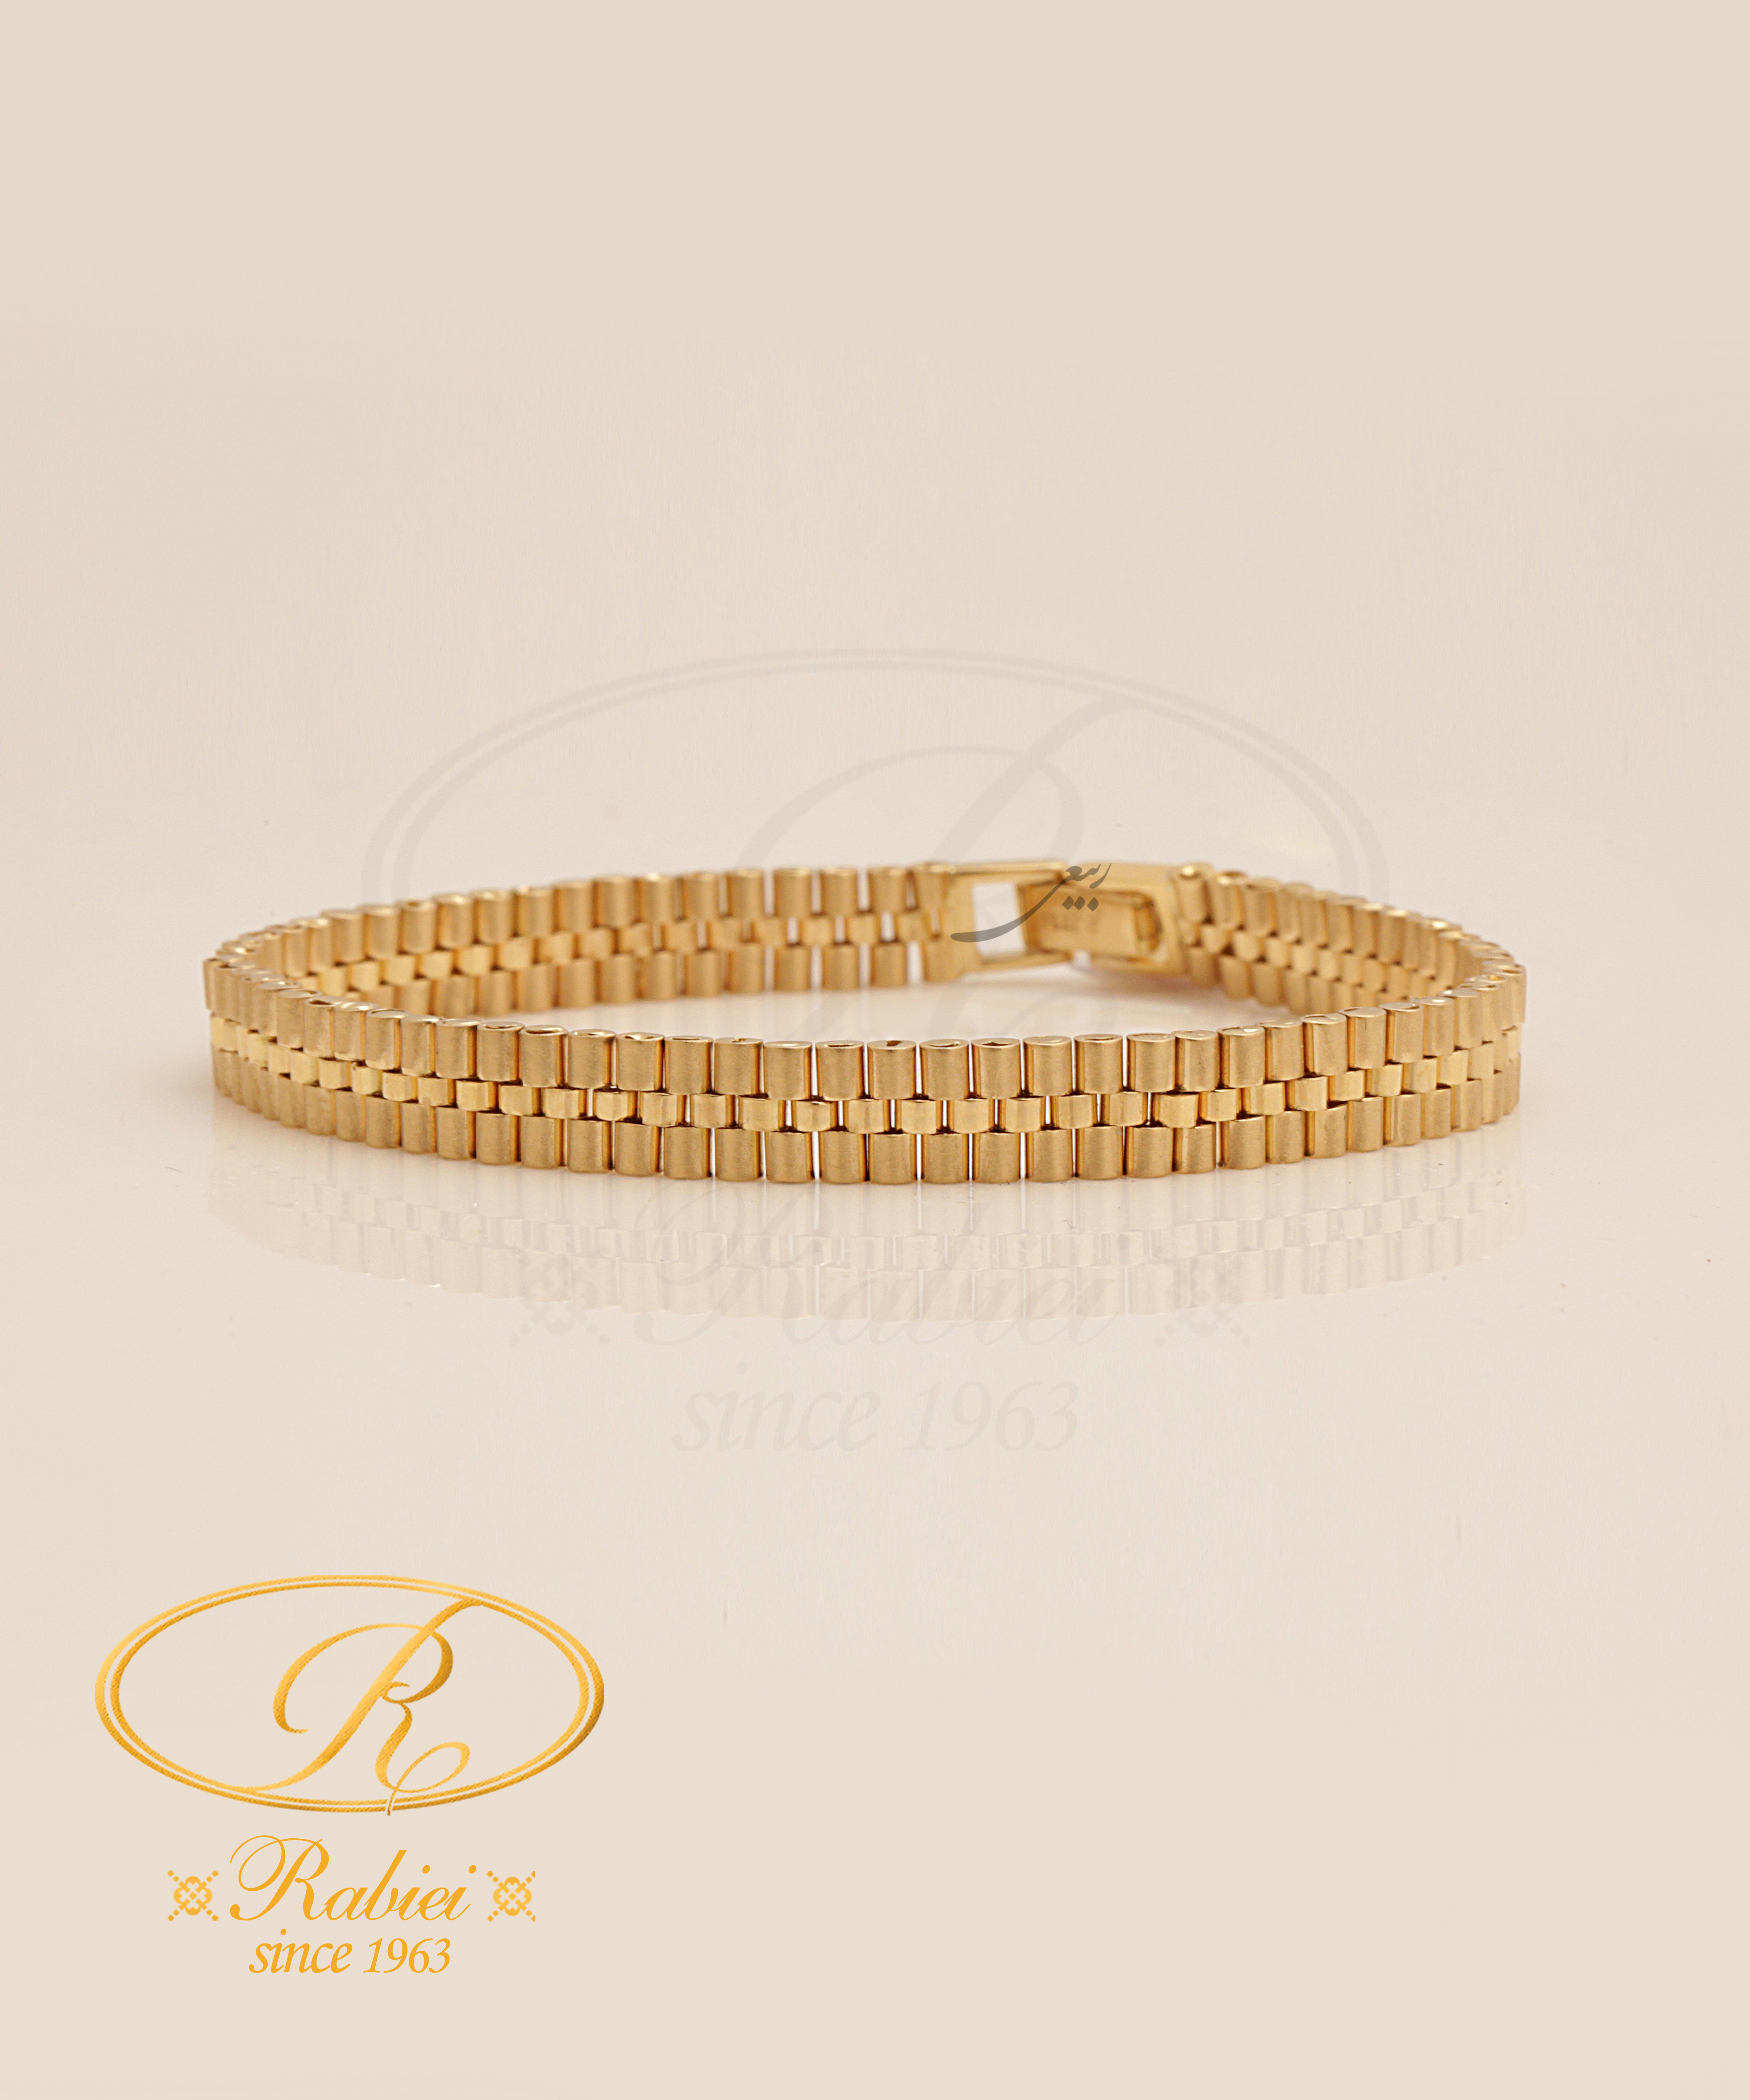 گالری ربیعی - خرید آنلاین طلا - خرید طلا لوکس -, , دستبند رولکس